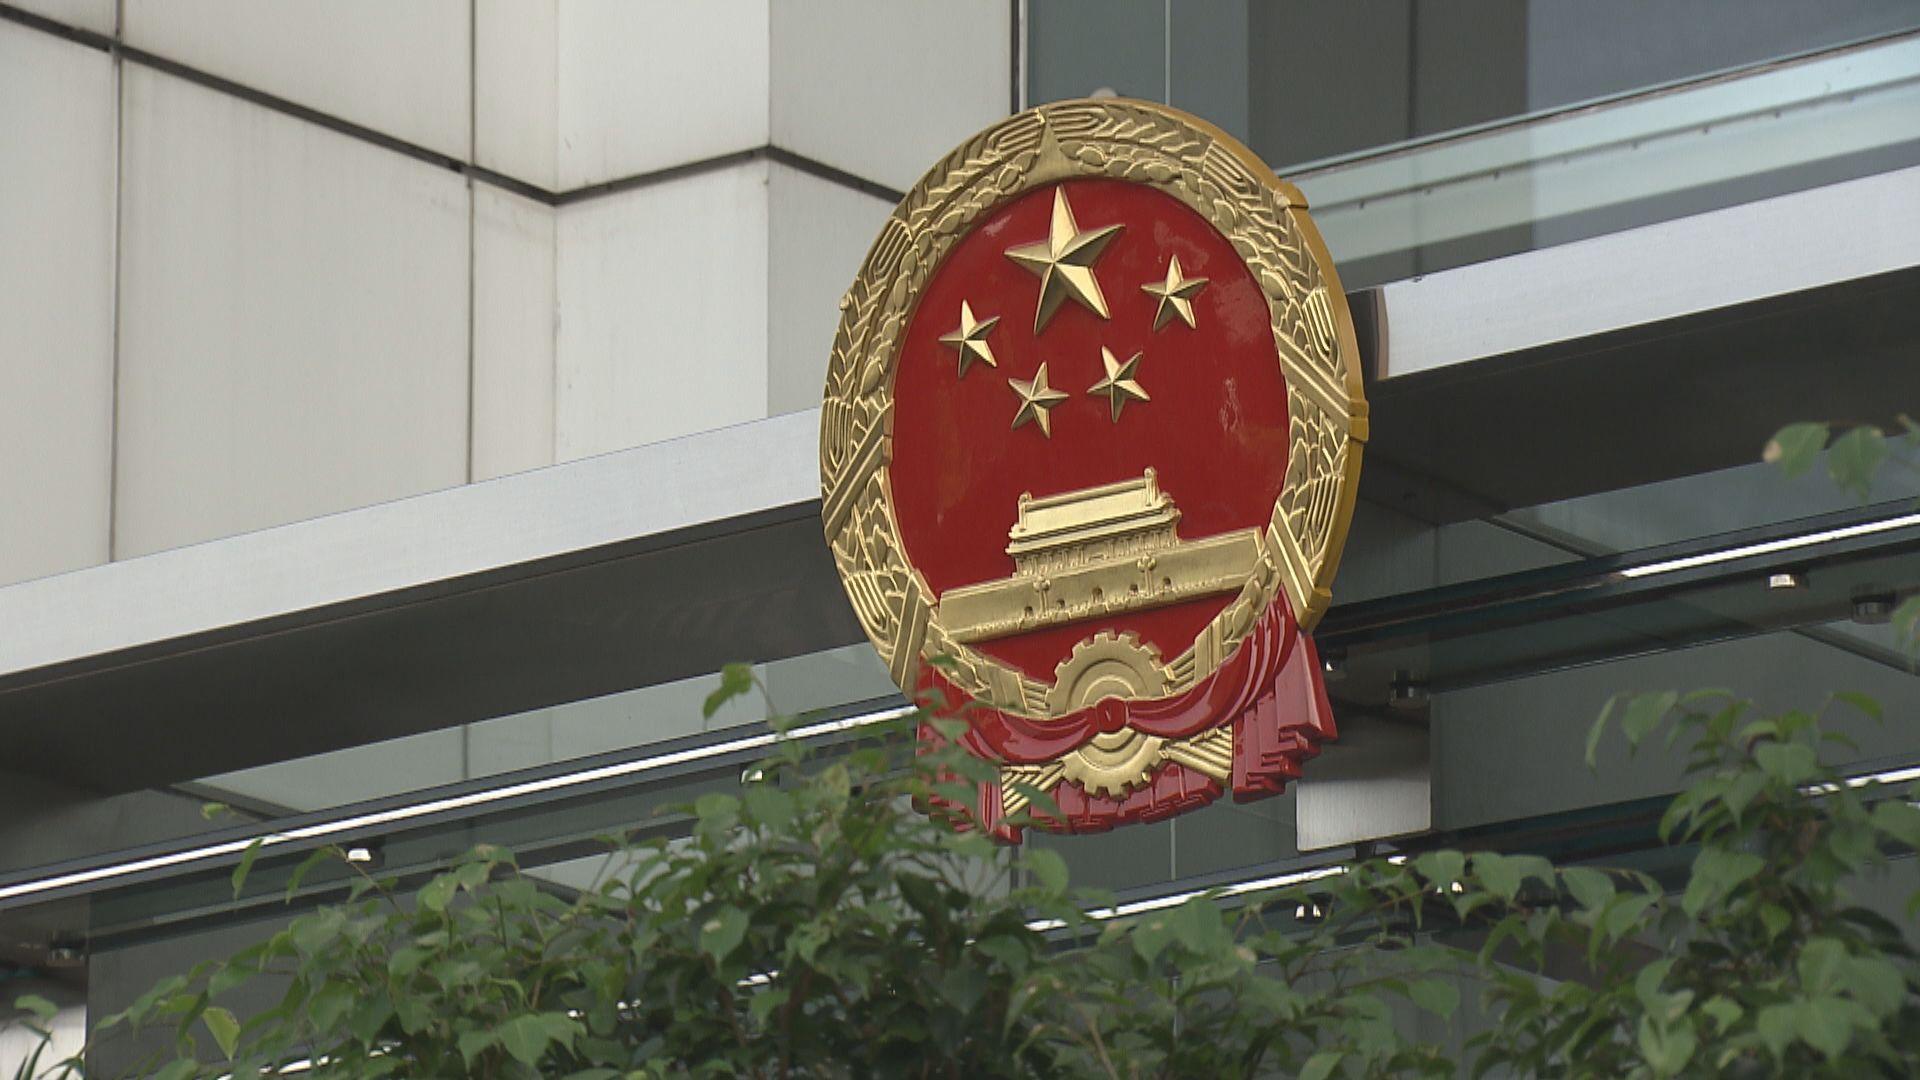 中聯辦指僅人大有權判斷香港法律有否違憲